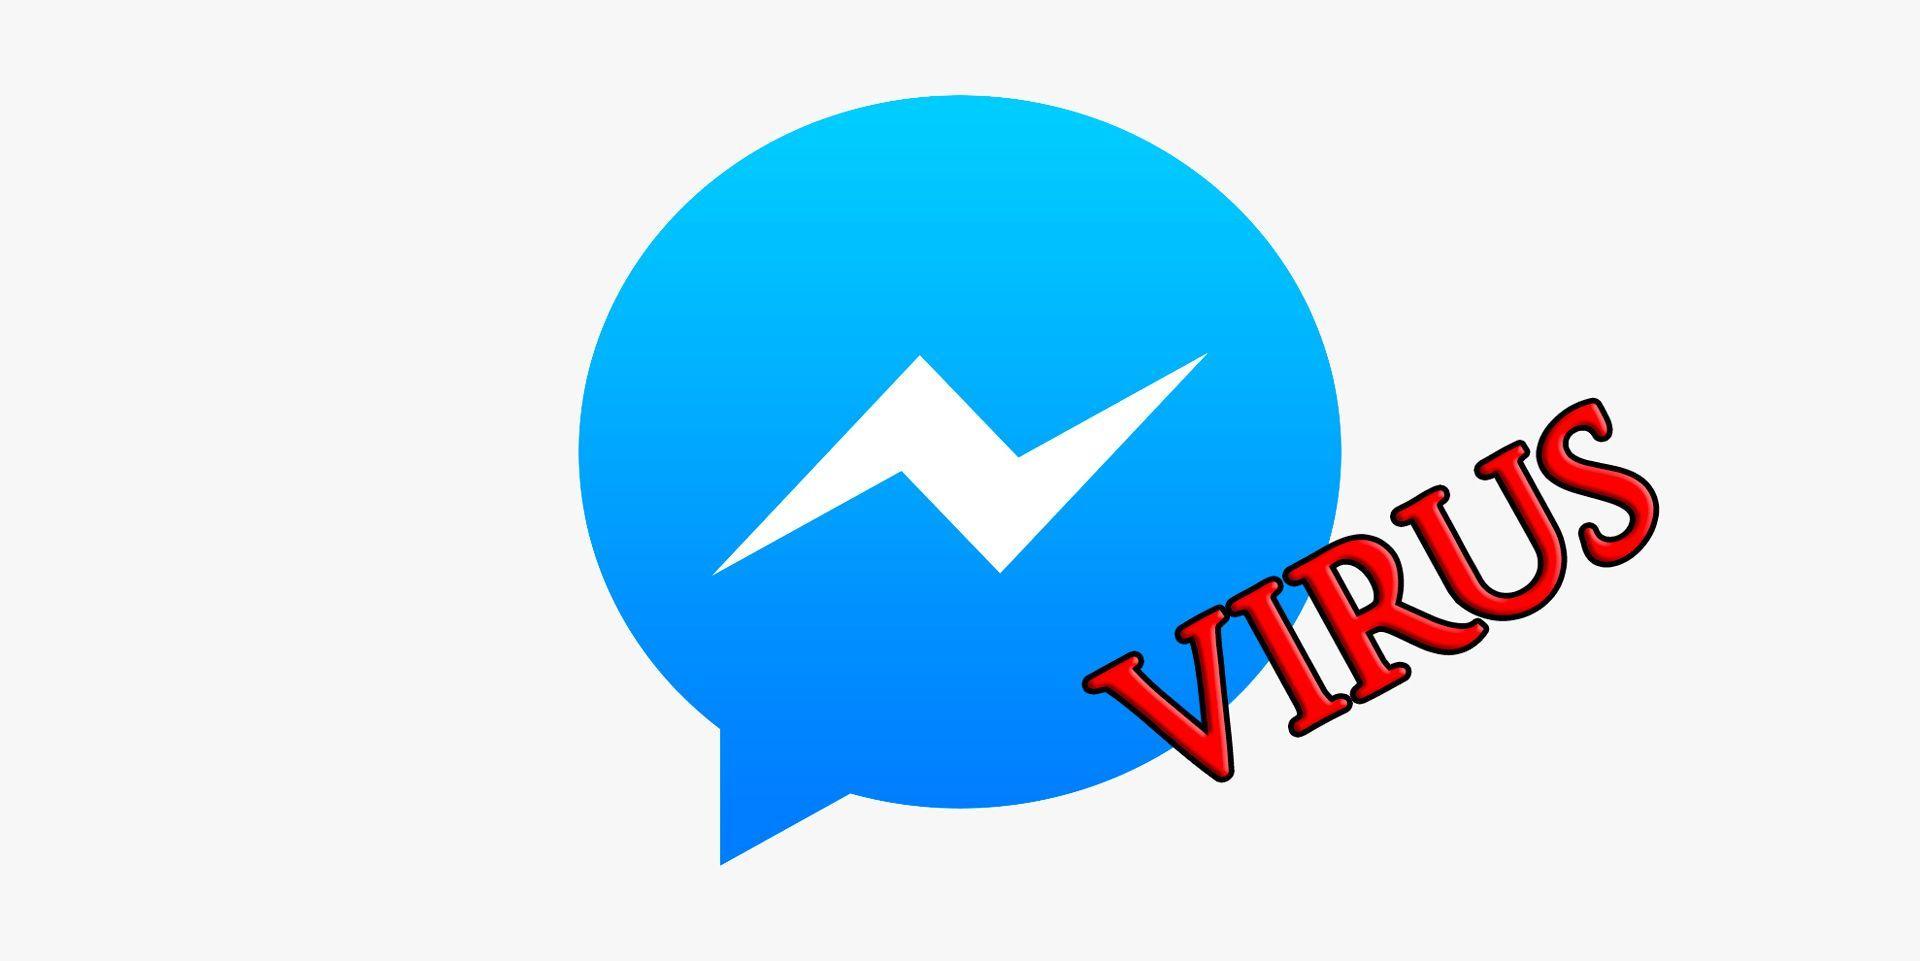 Virus di Facebook Messenger, come riconoscerlo e come debellare l'infezione